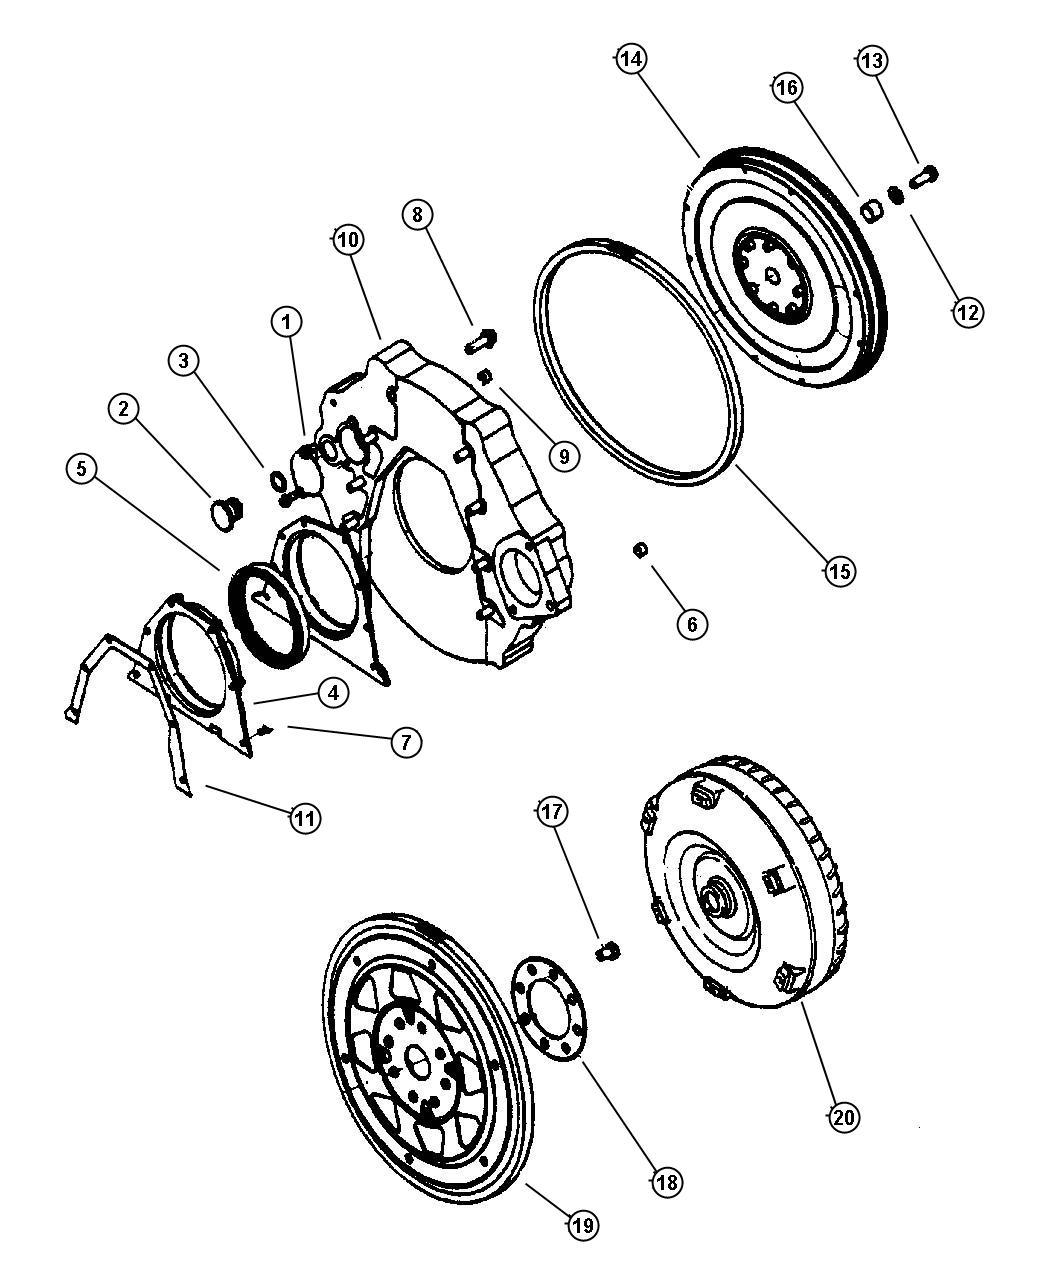 Dodge Ram 3500 Magnum 5.9L SMPI V8, 5-Speed Manual